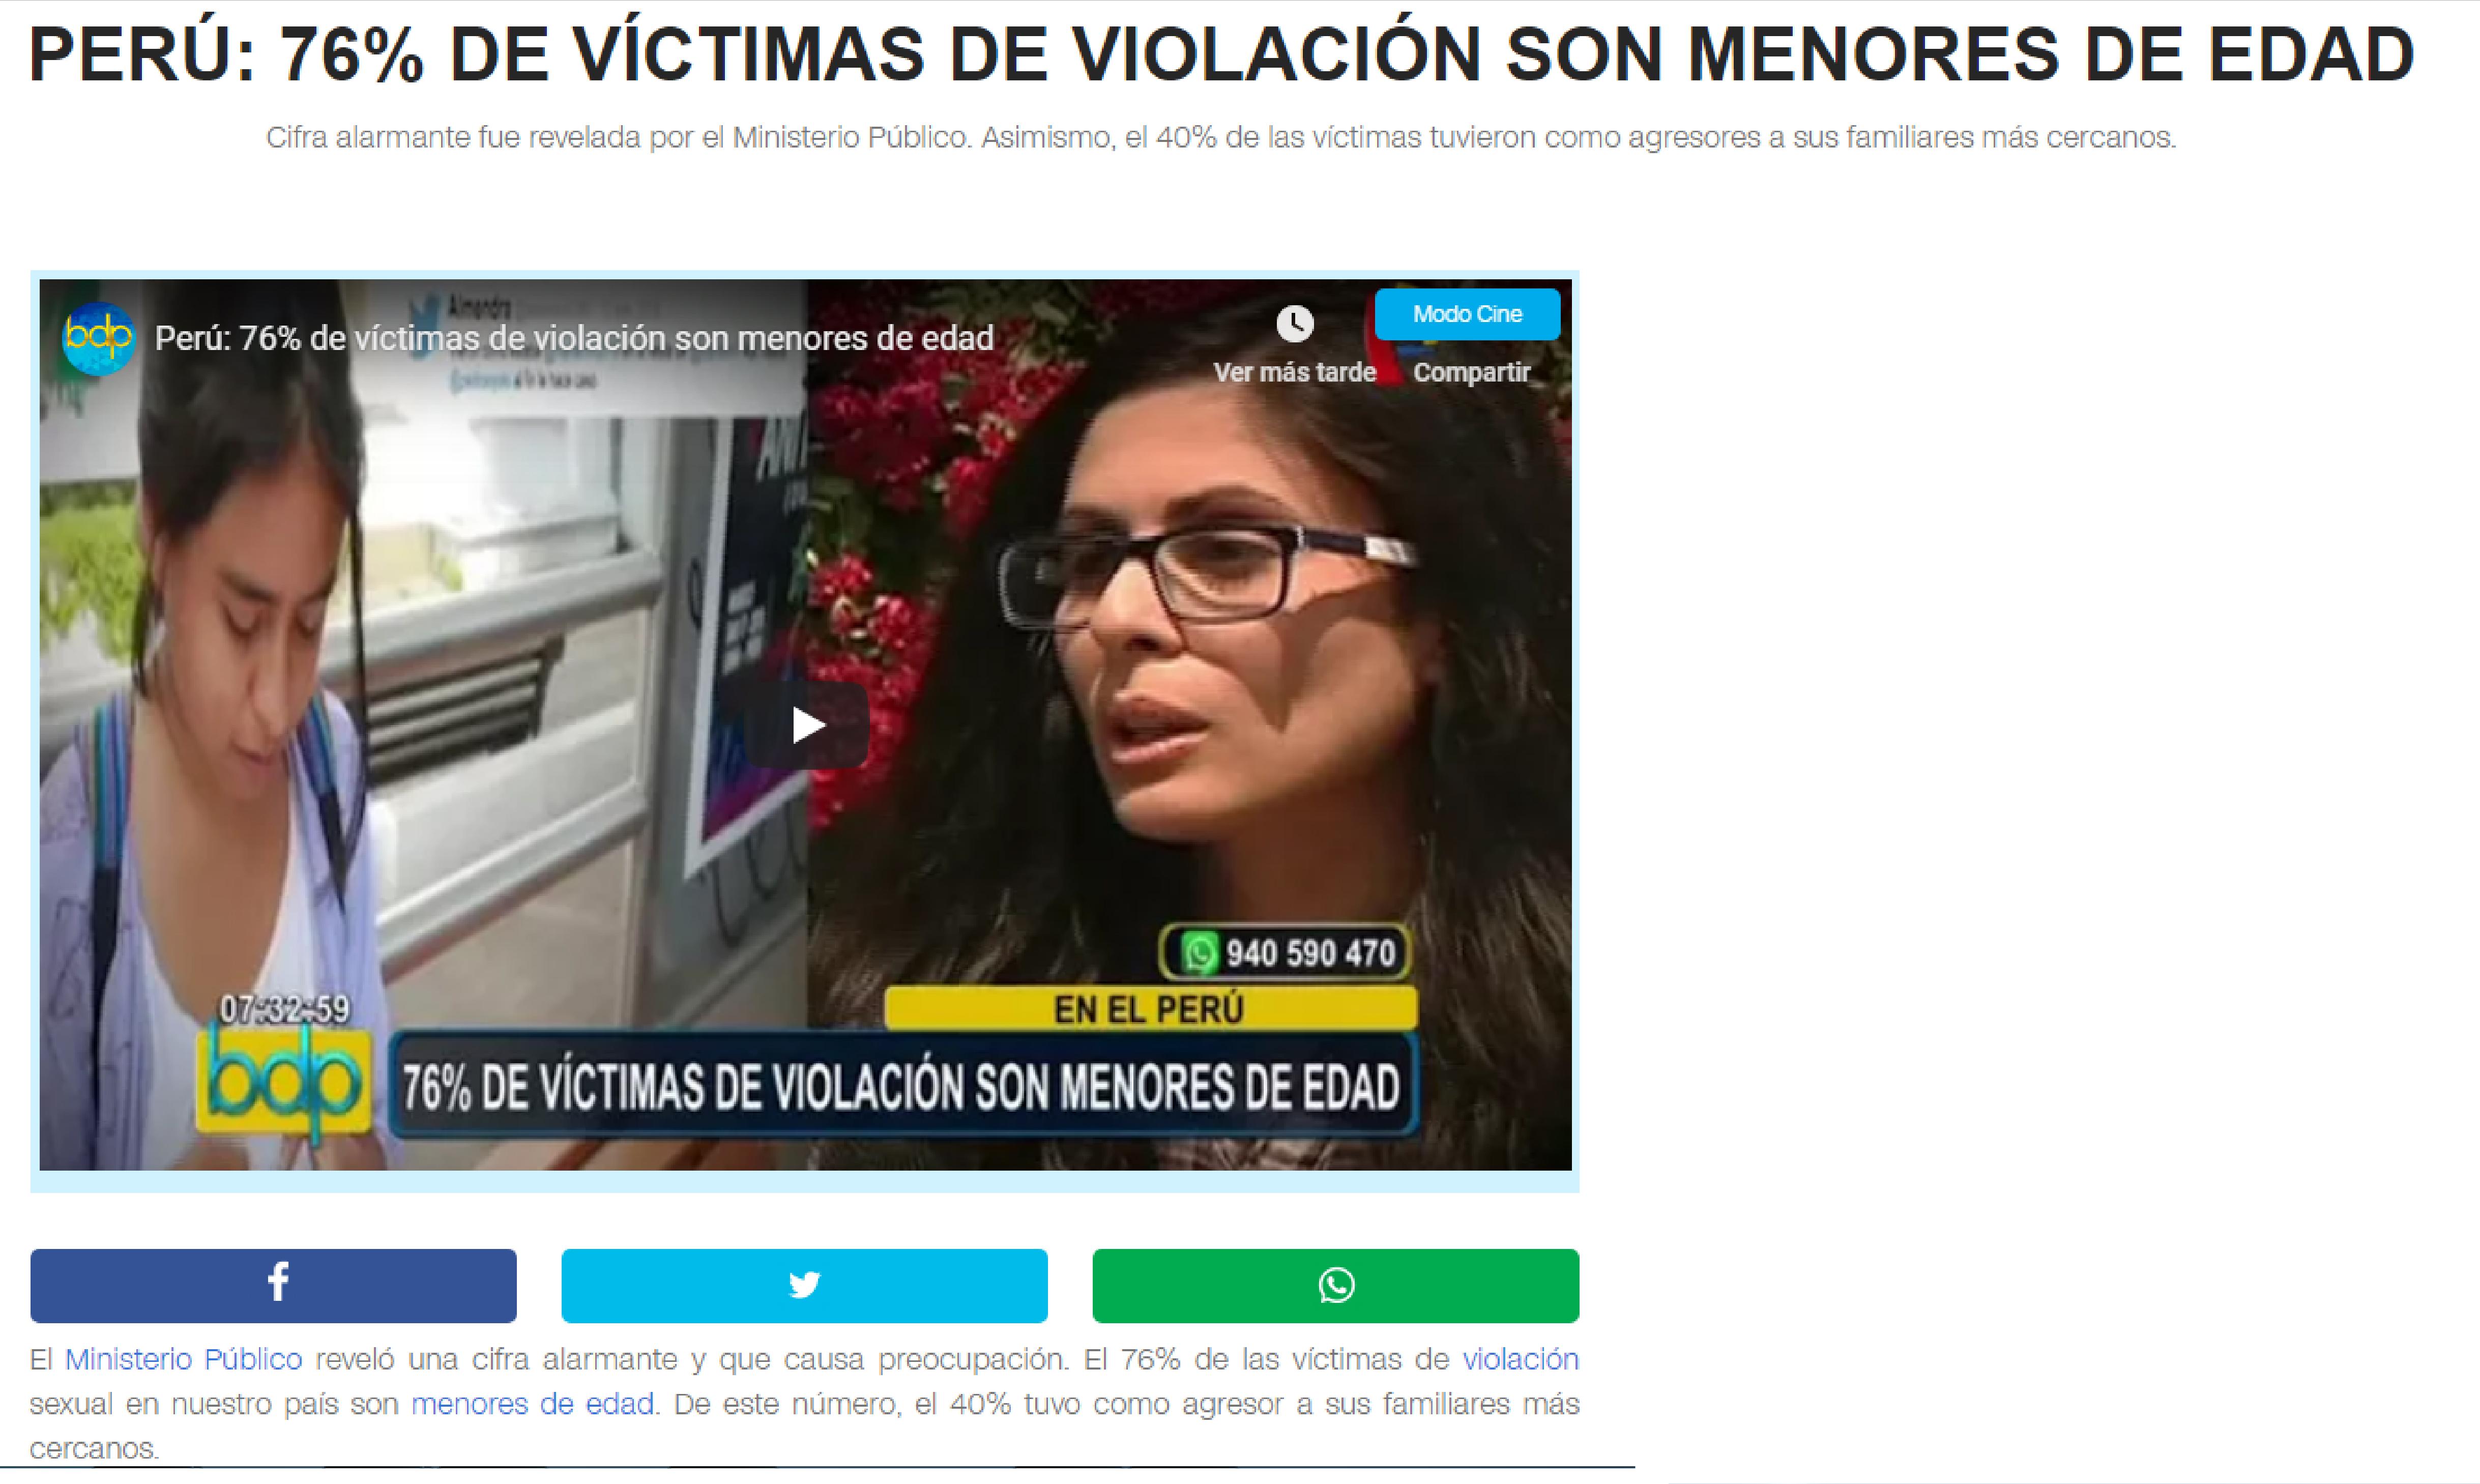 Panamericana: Perú: 76% de víctimas de violación son menores de edad